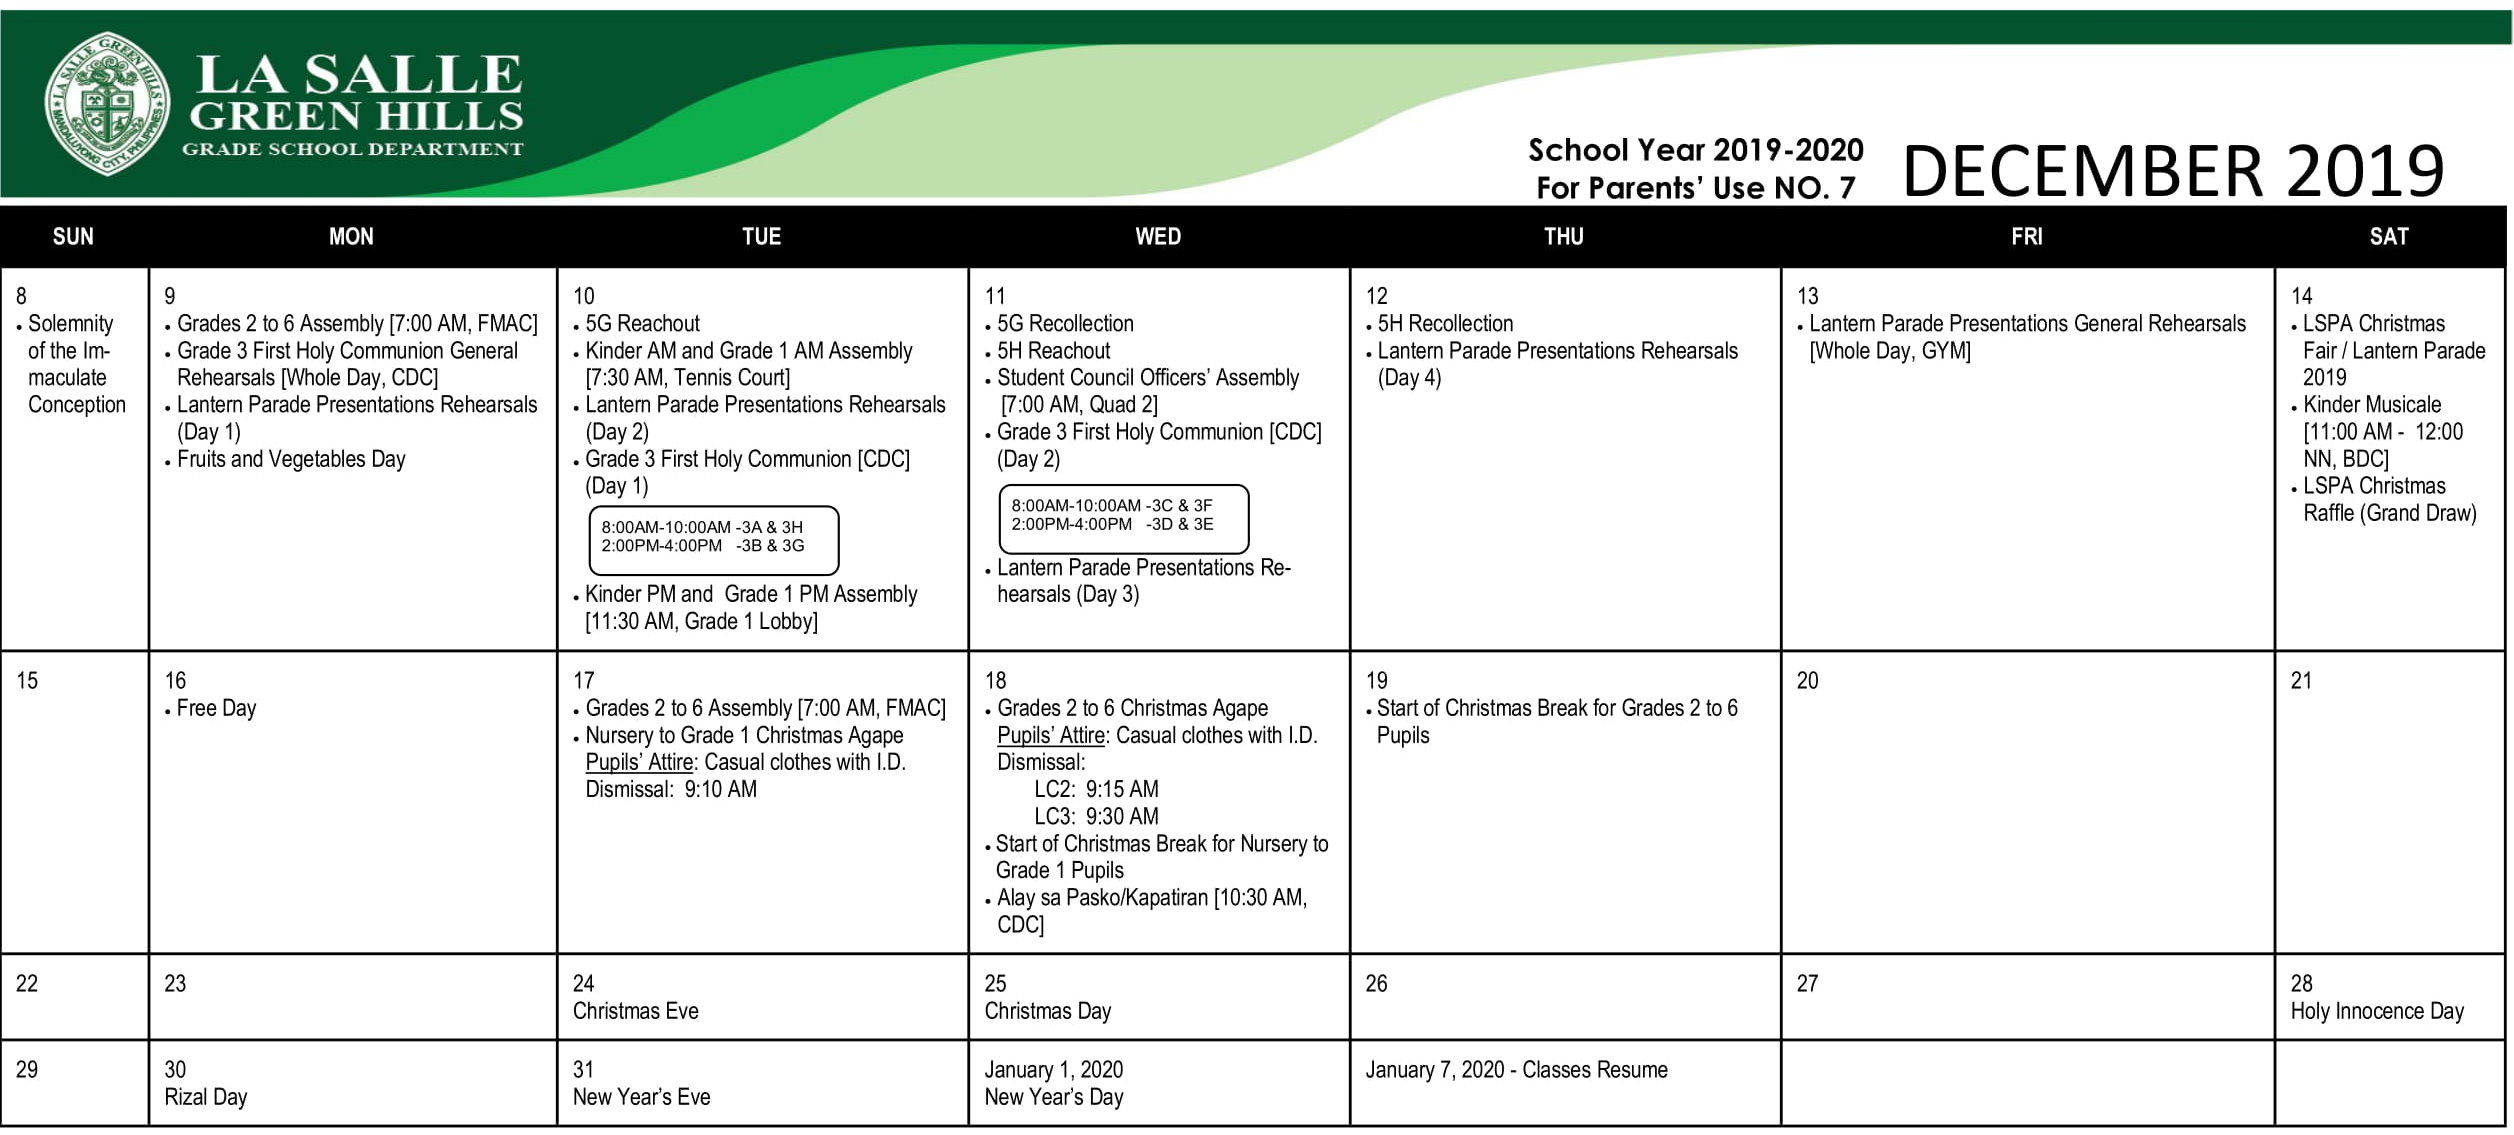 2019 Academic Calendar - La Salle Green Hills Grade School Inside La Salle University Calander